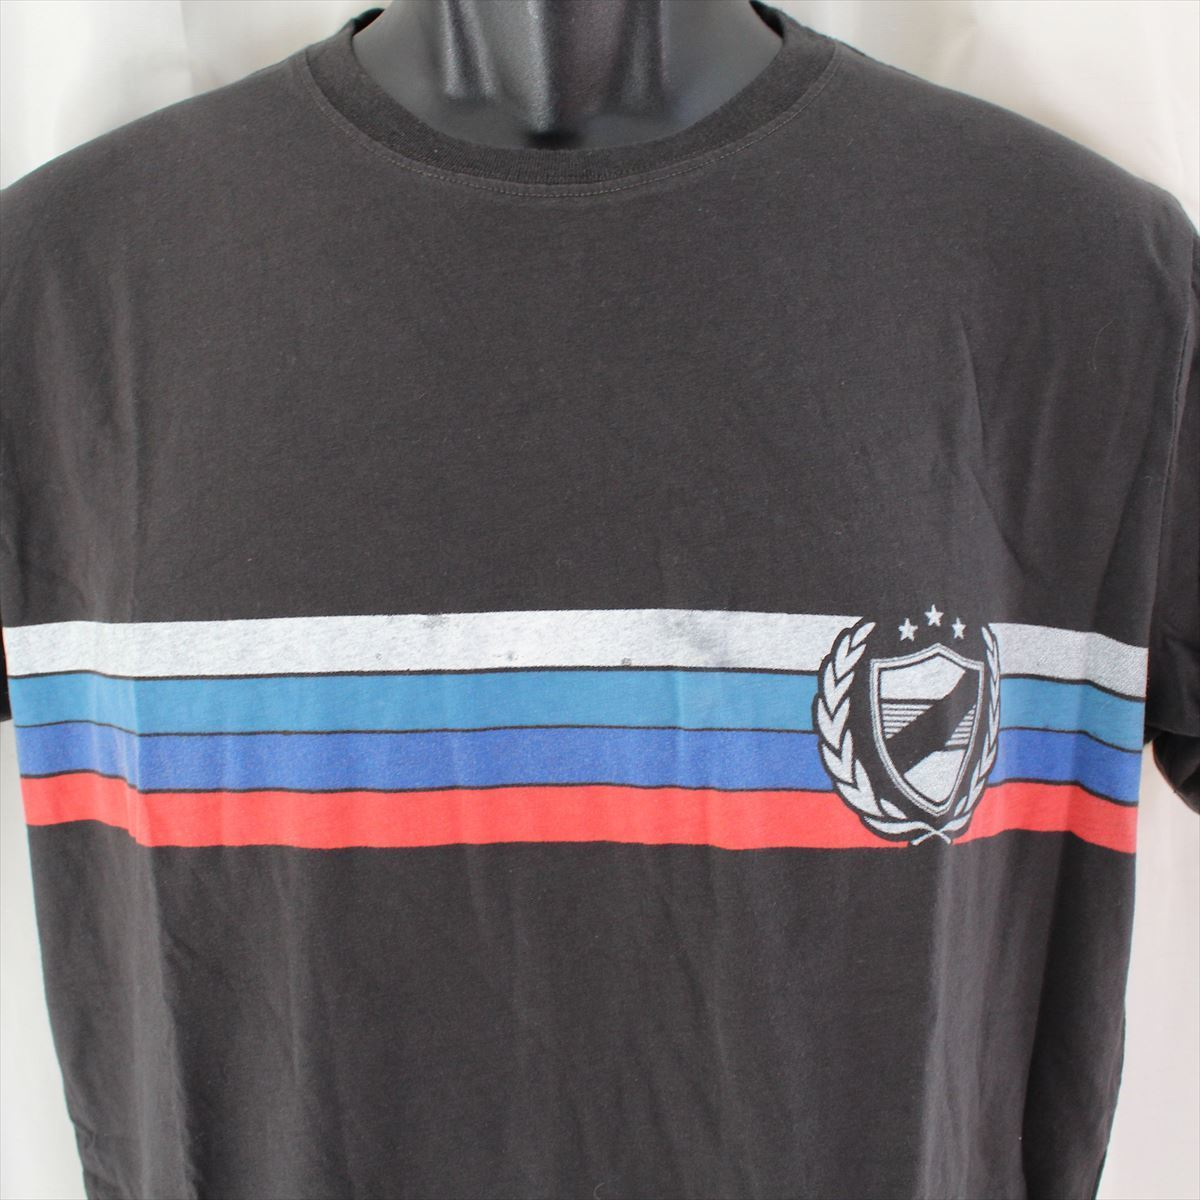 ゼインローブ ZANEROBE メンズ半袖Tシャツ ブラック Lサイズ 新品_画像2